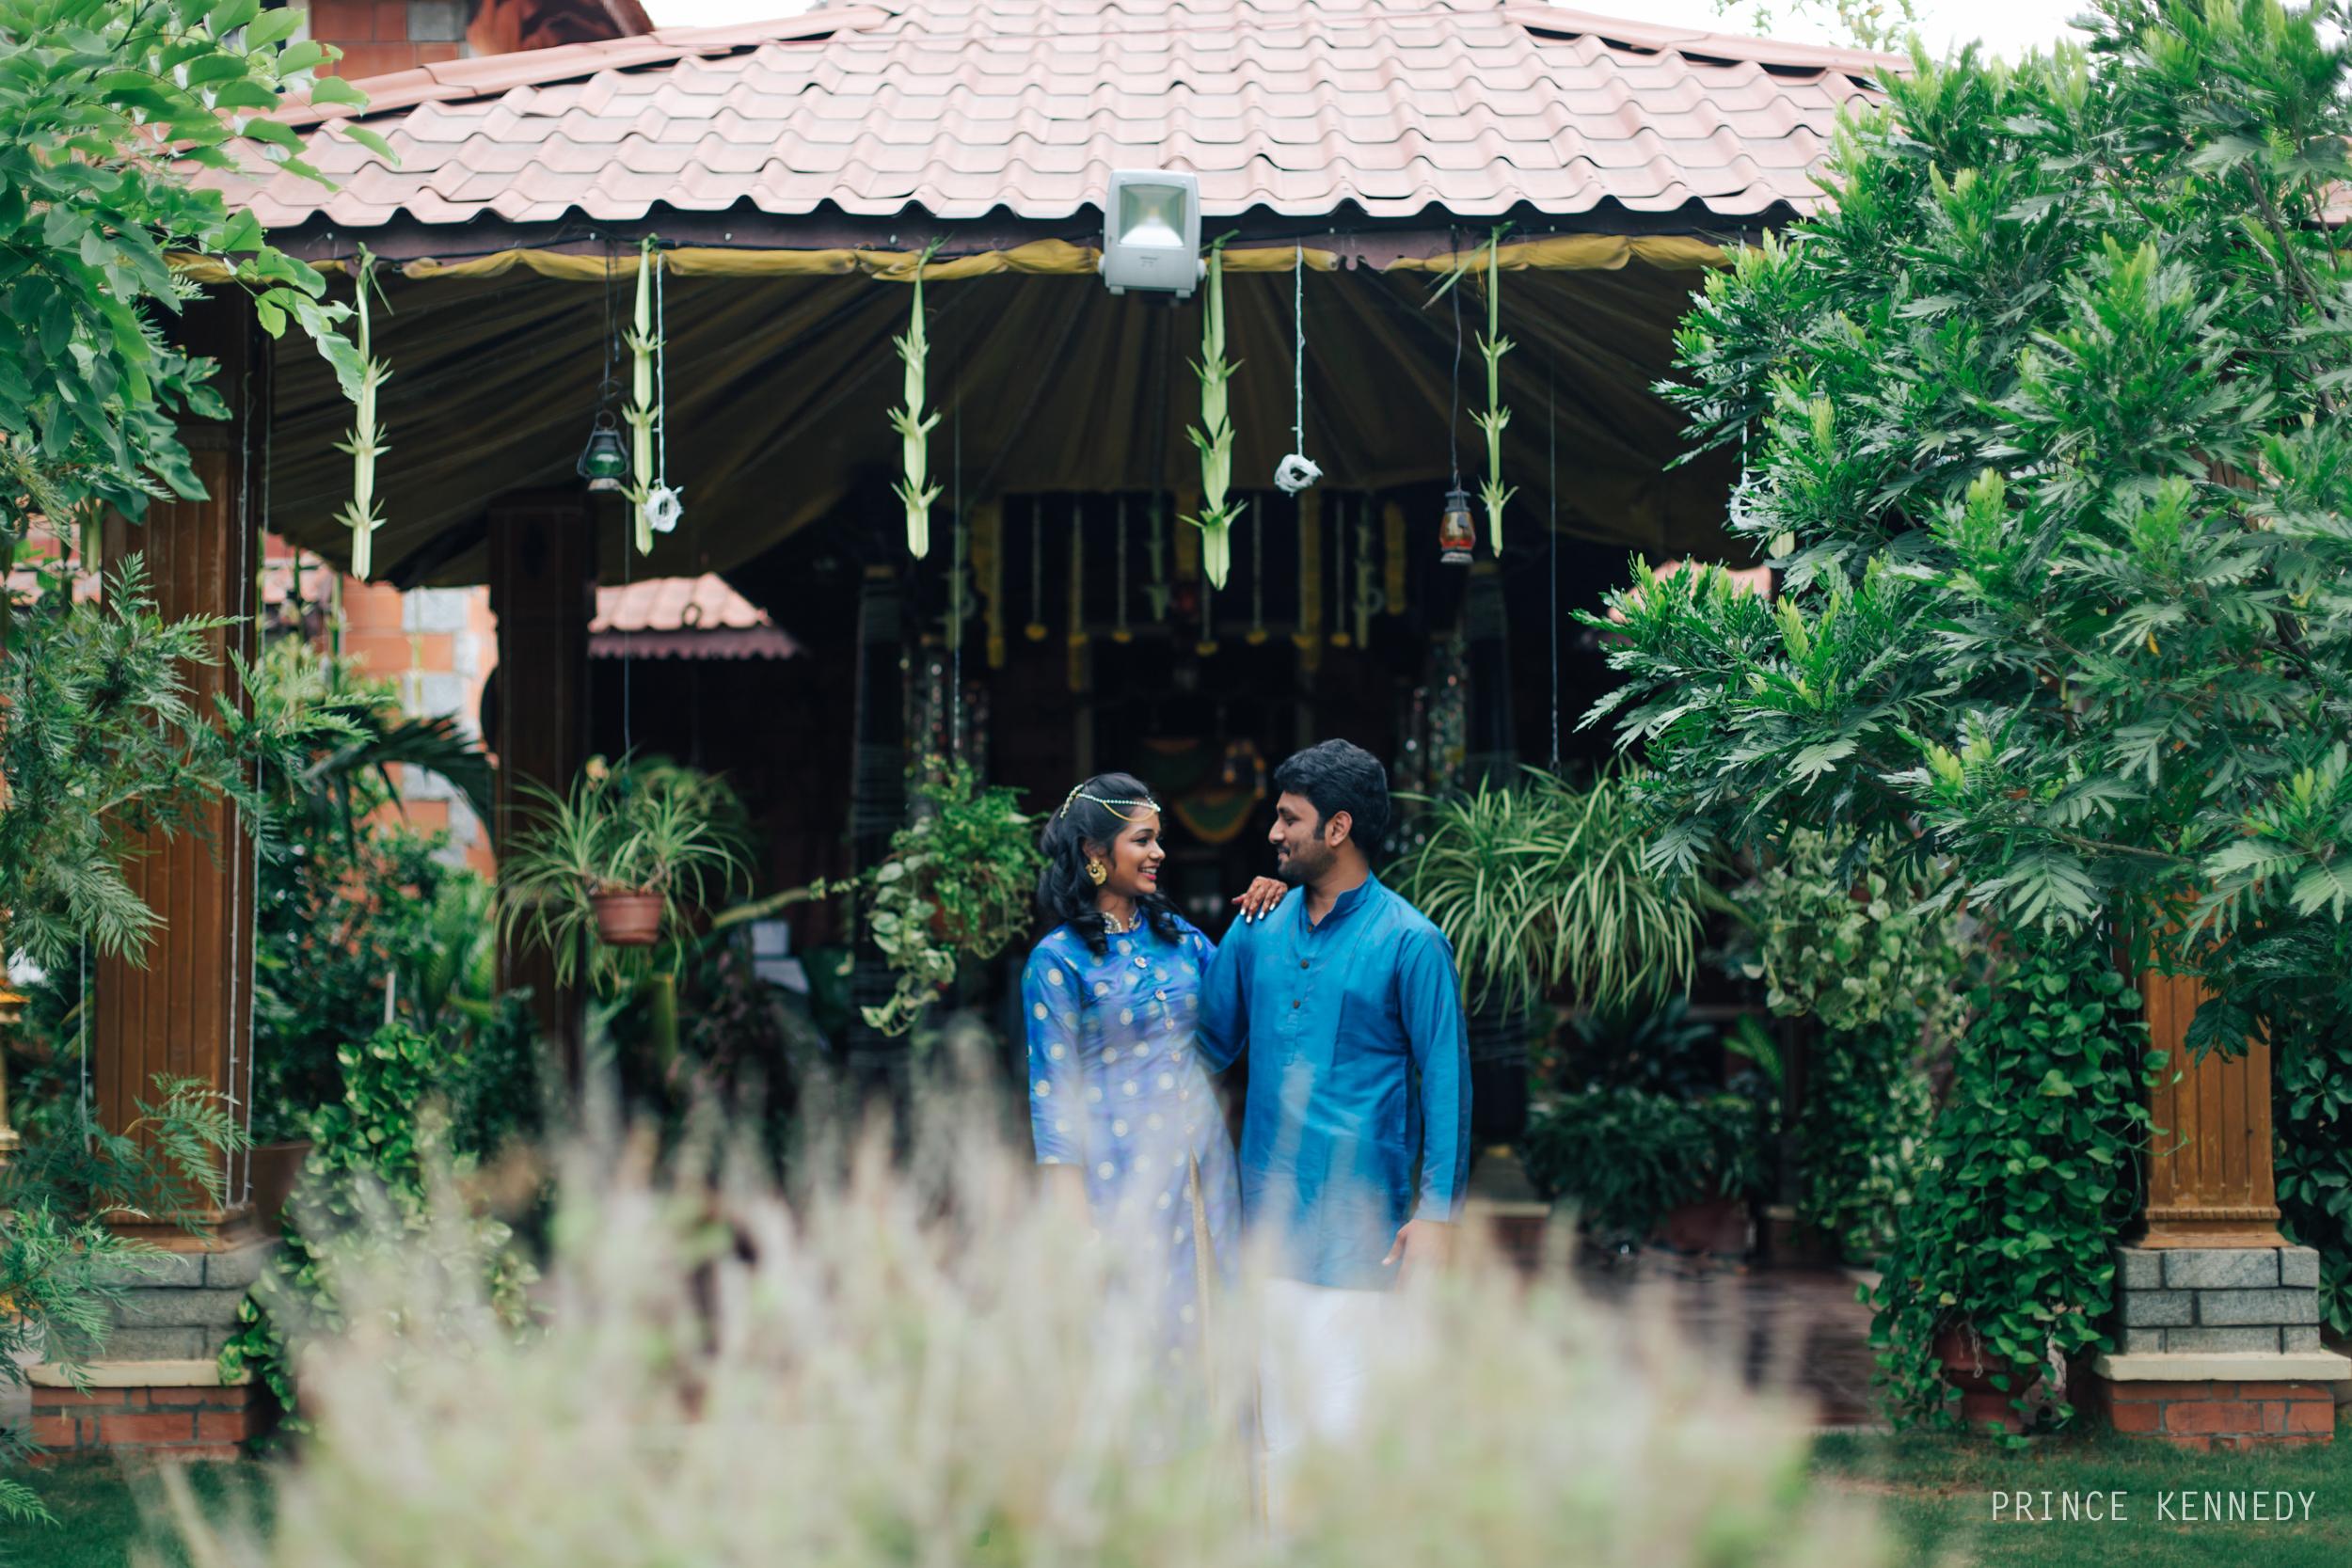 Engagement-Couple-Portrait-Portraiture-Wedding-Couple-Portrait-Chennai-Photographer-Candid-Photography-Destination-Best-Prince-Kennedy-Photography-69.jpg